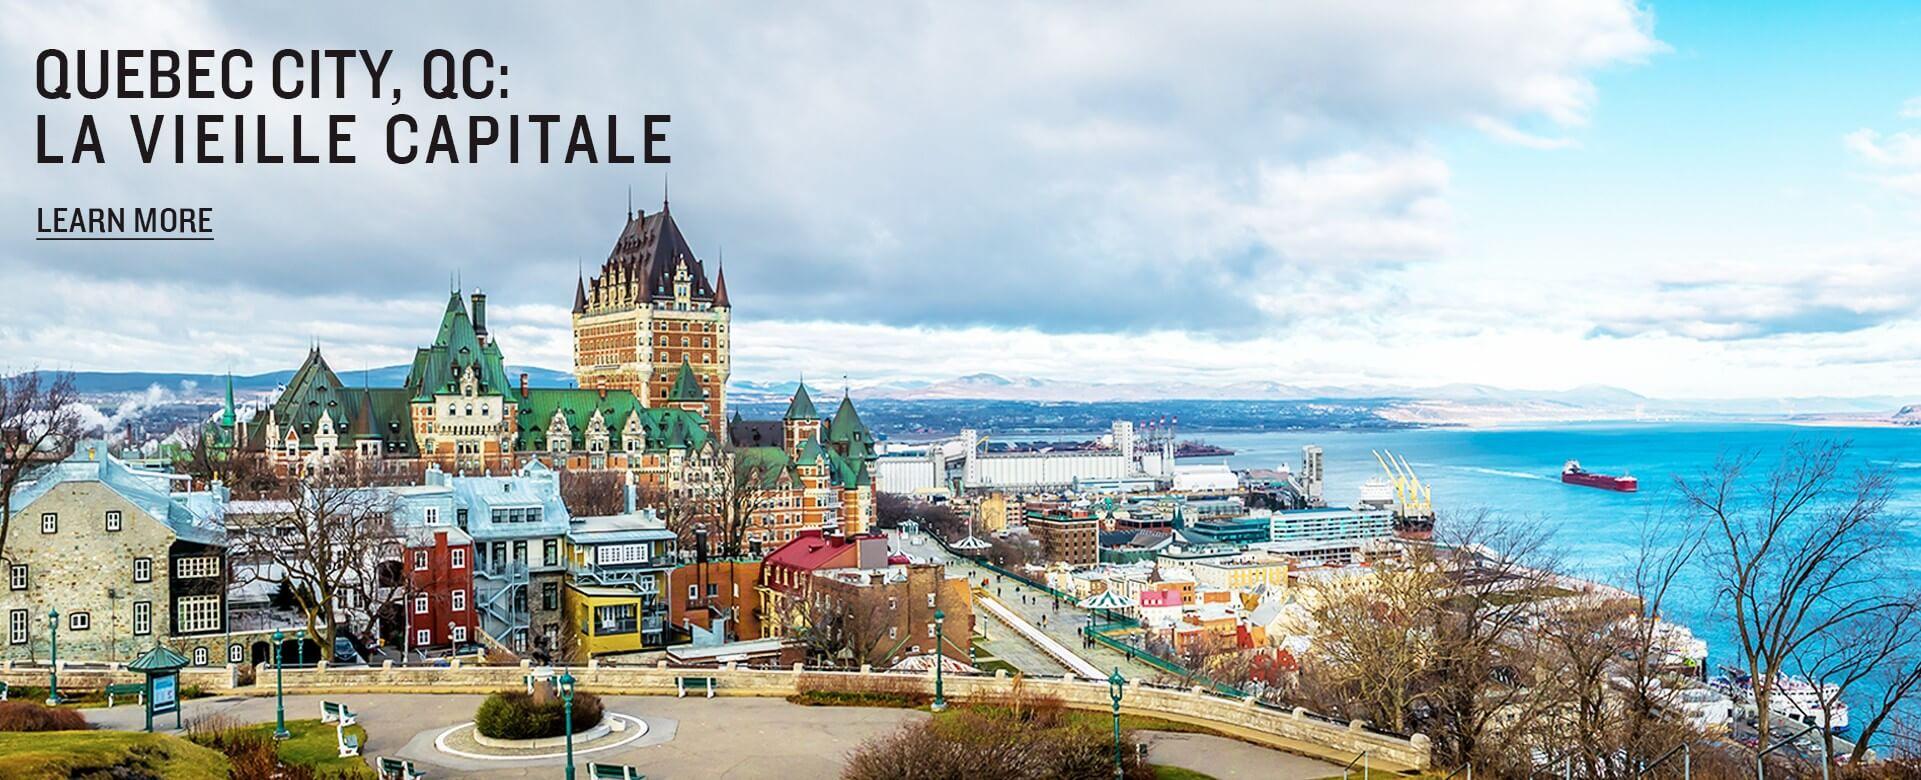 Quebec City, Quebec: La Vieille Capitale